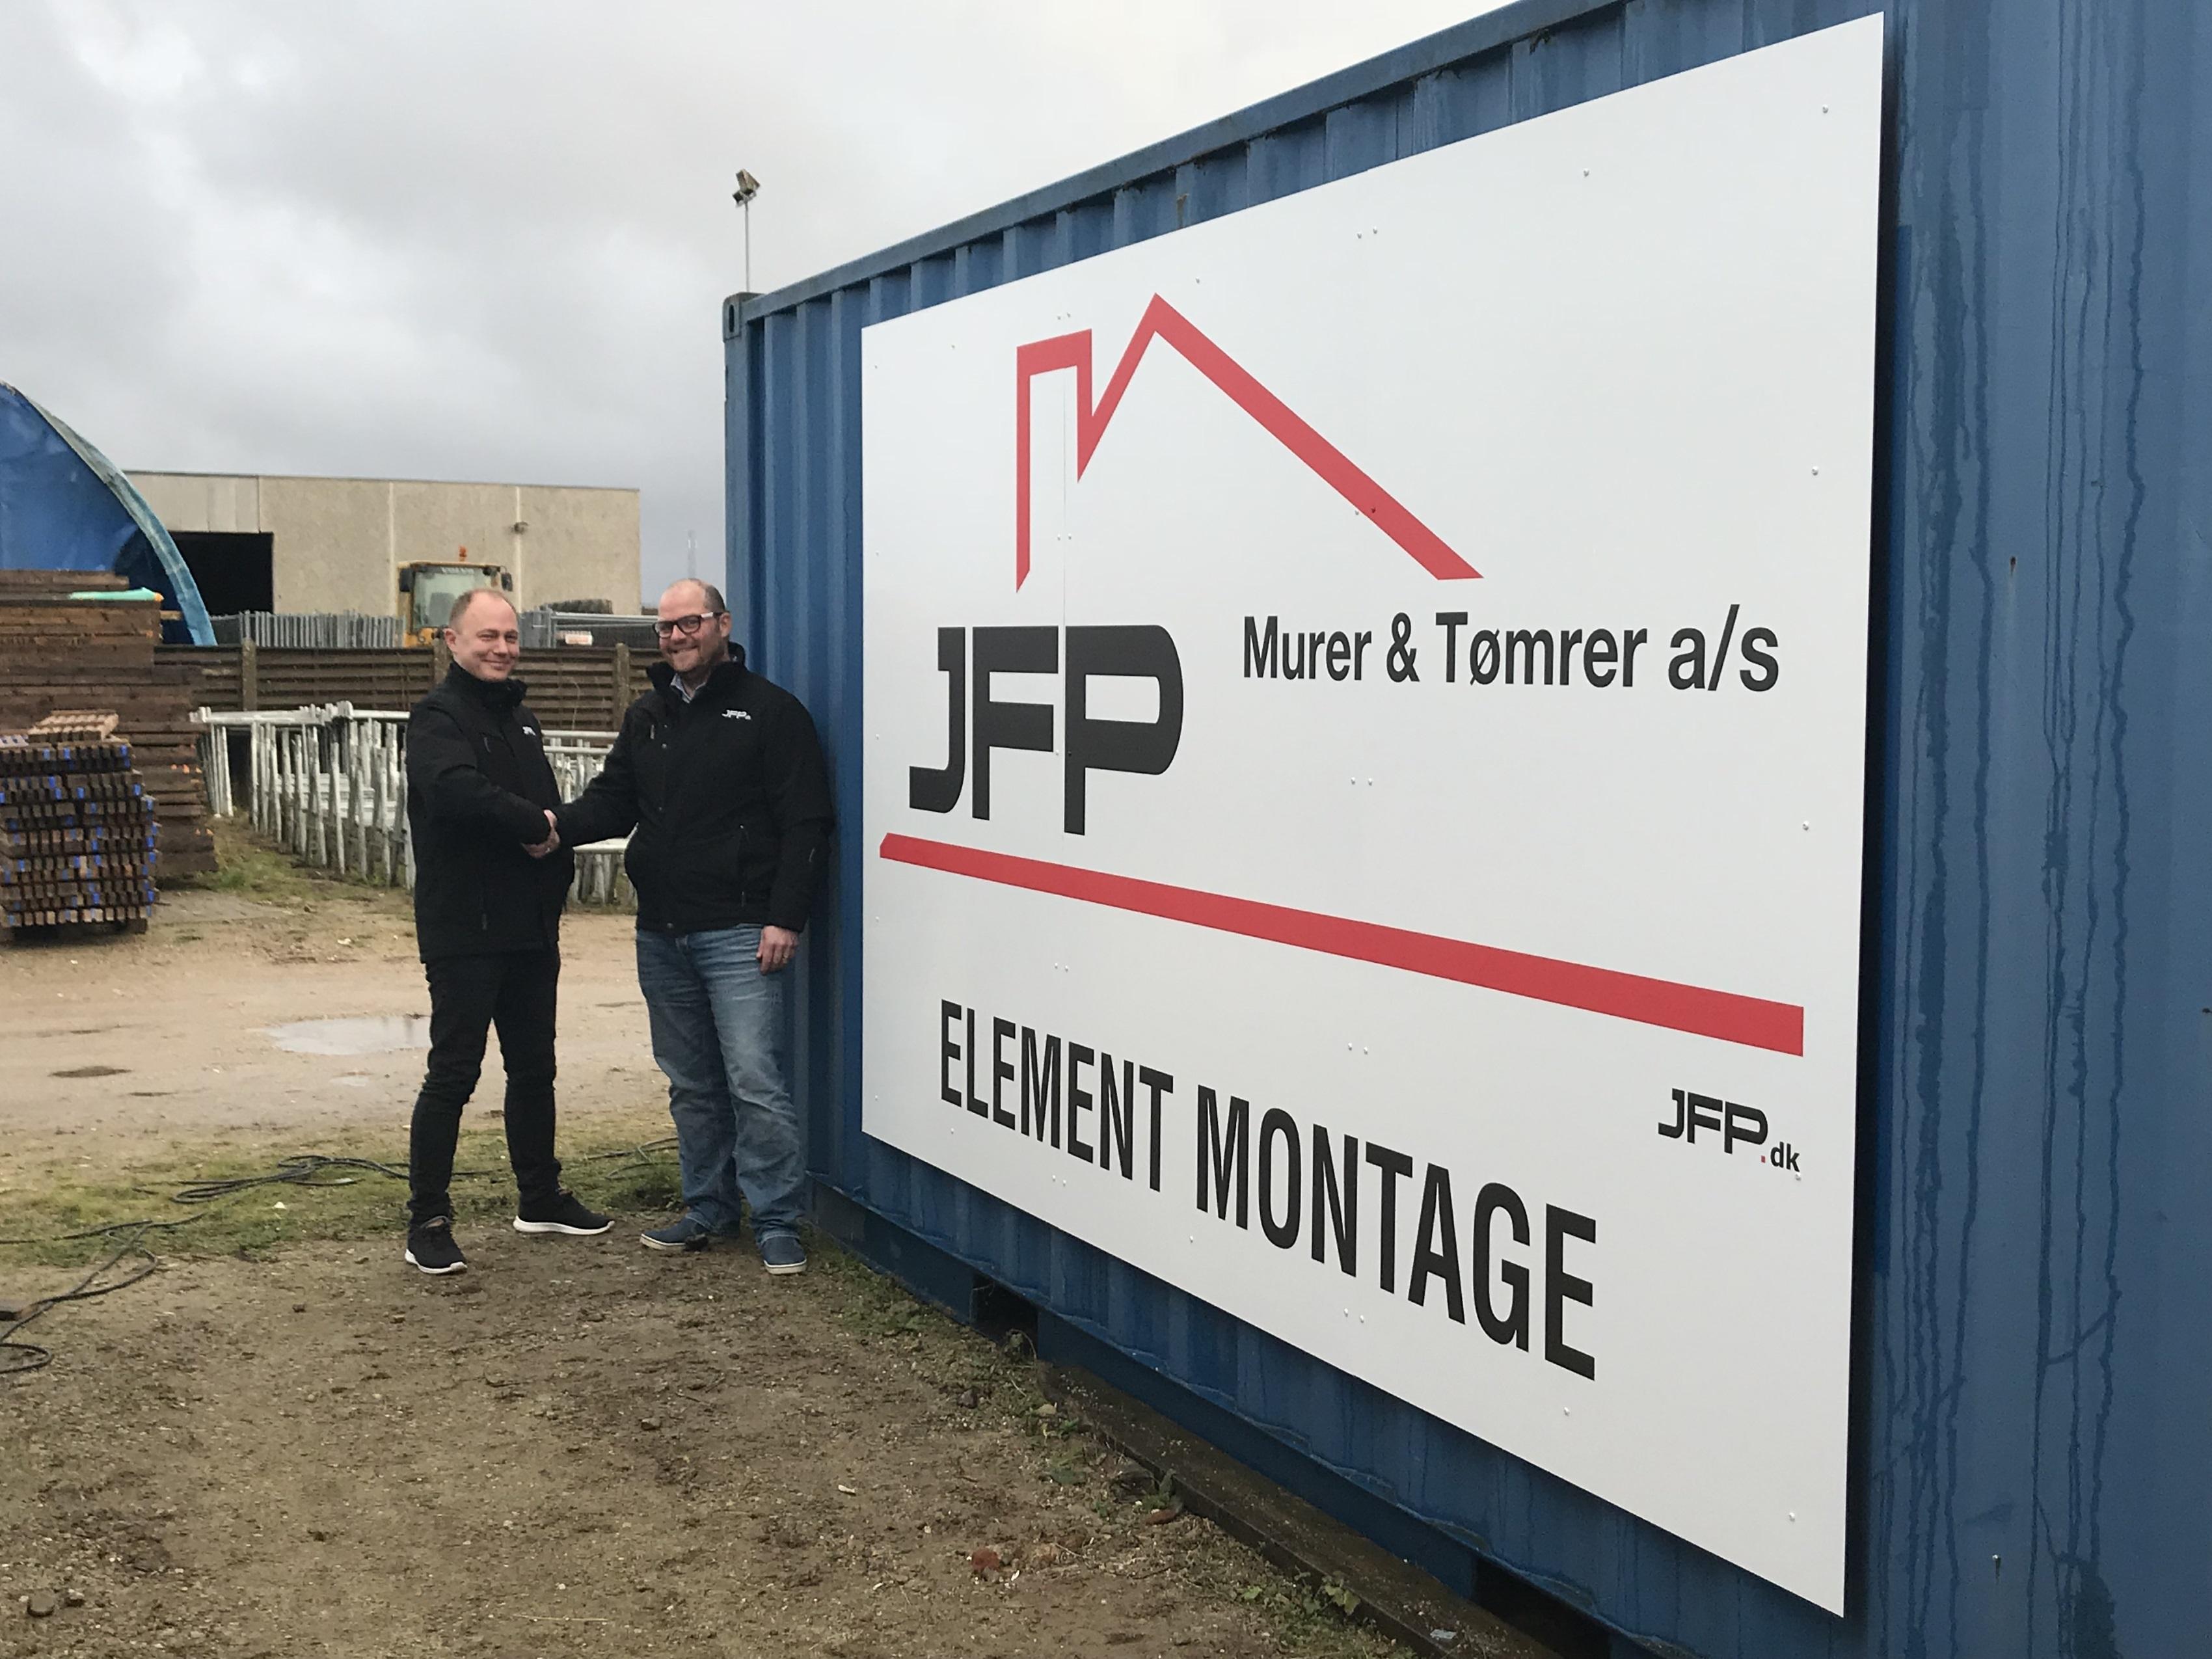 363c19a89 JFP Murer & Tømrer starter montageafdeling - Building Supply DK